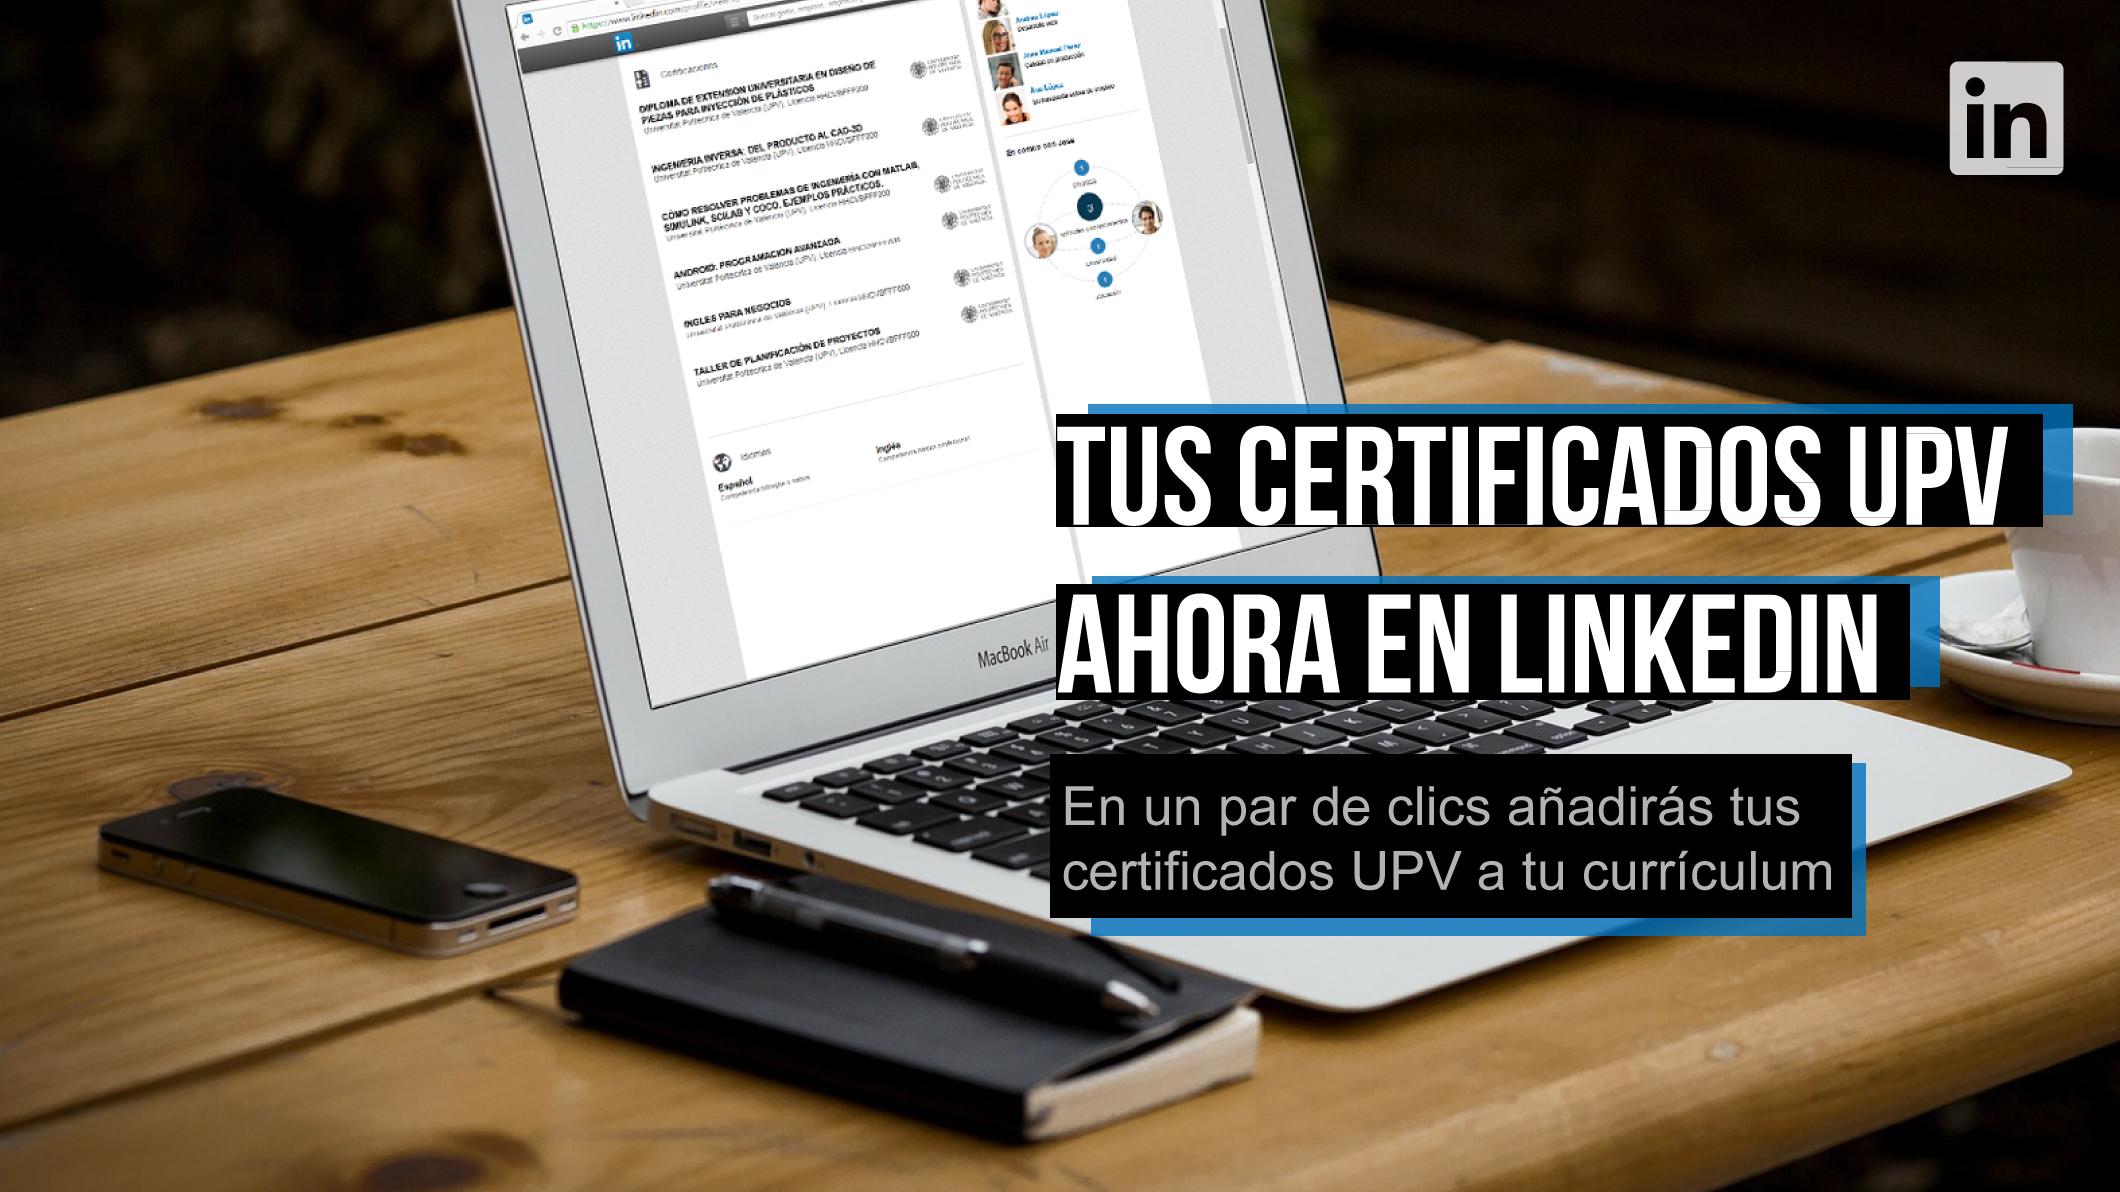 Añadir certificados a linkedin